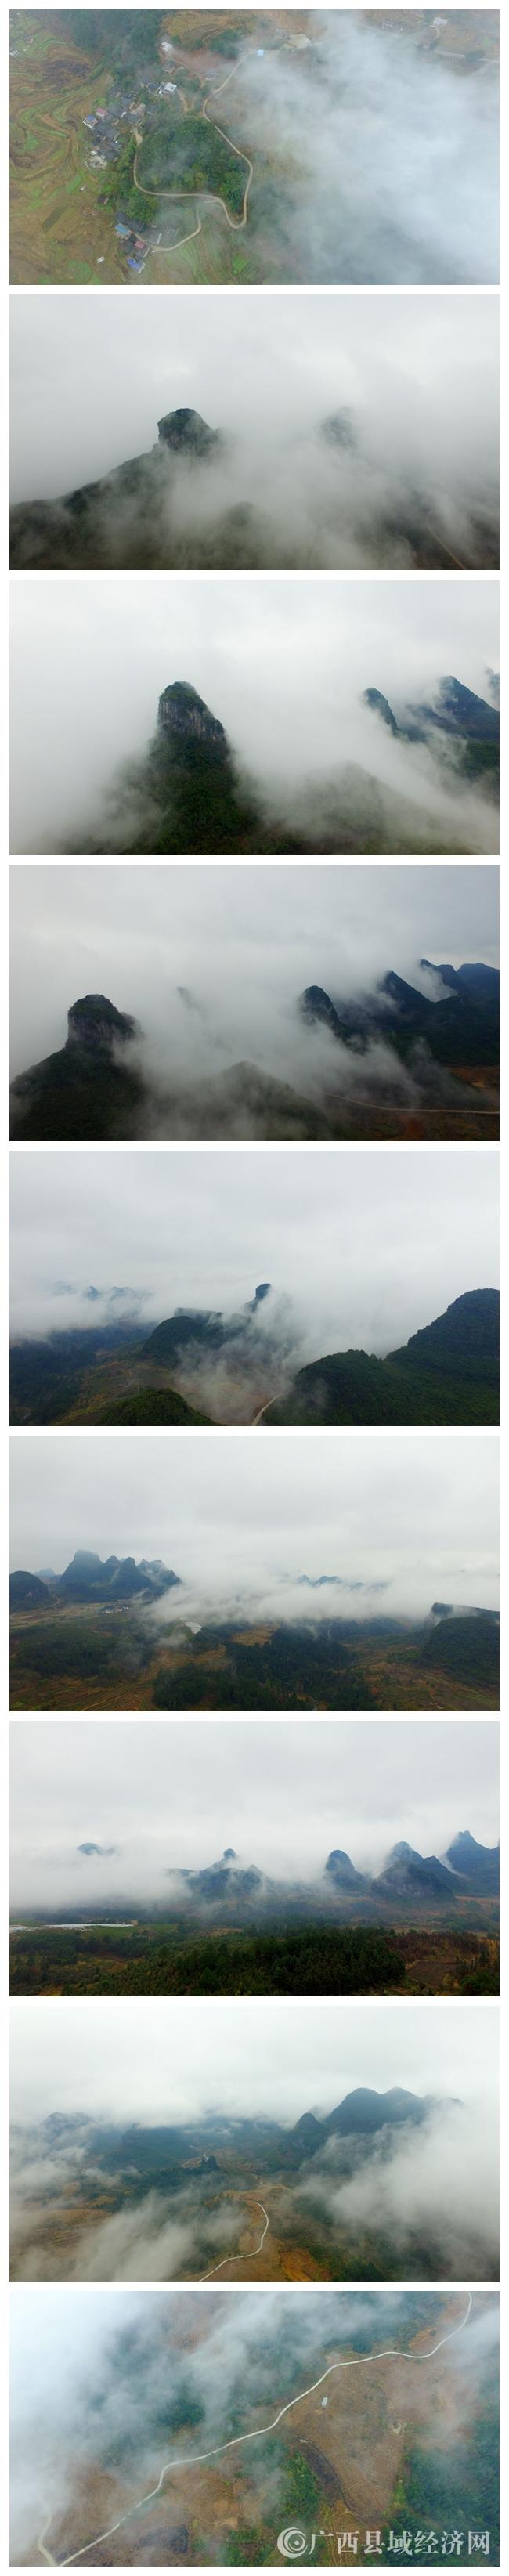 图1:2018年1月5日,在广西柳州市融安县桥板乡下良村拍摄的美景。(谭凯兴 摄).JPG.jpg